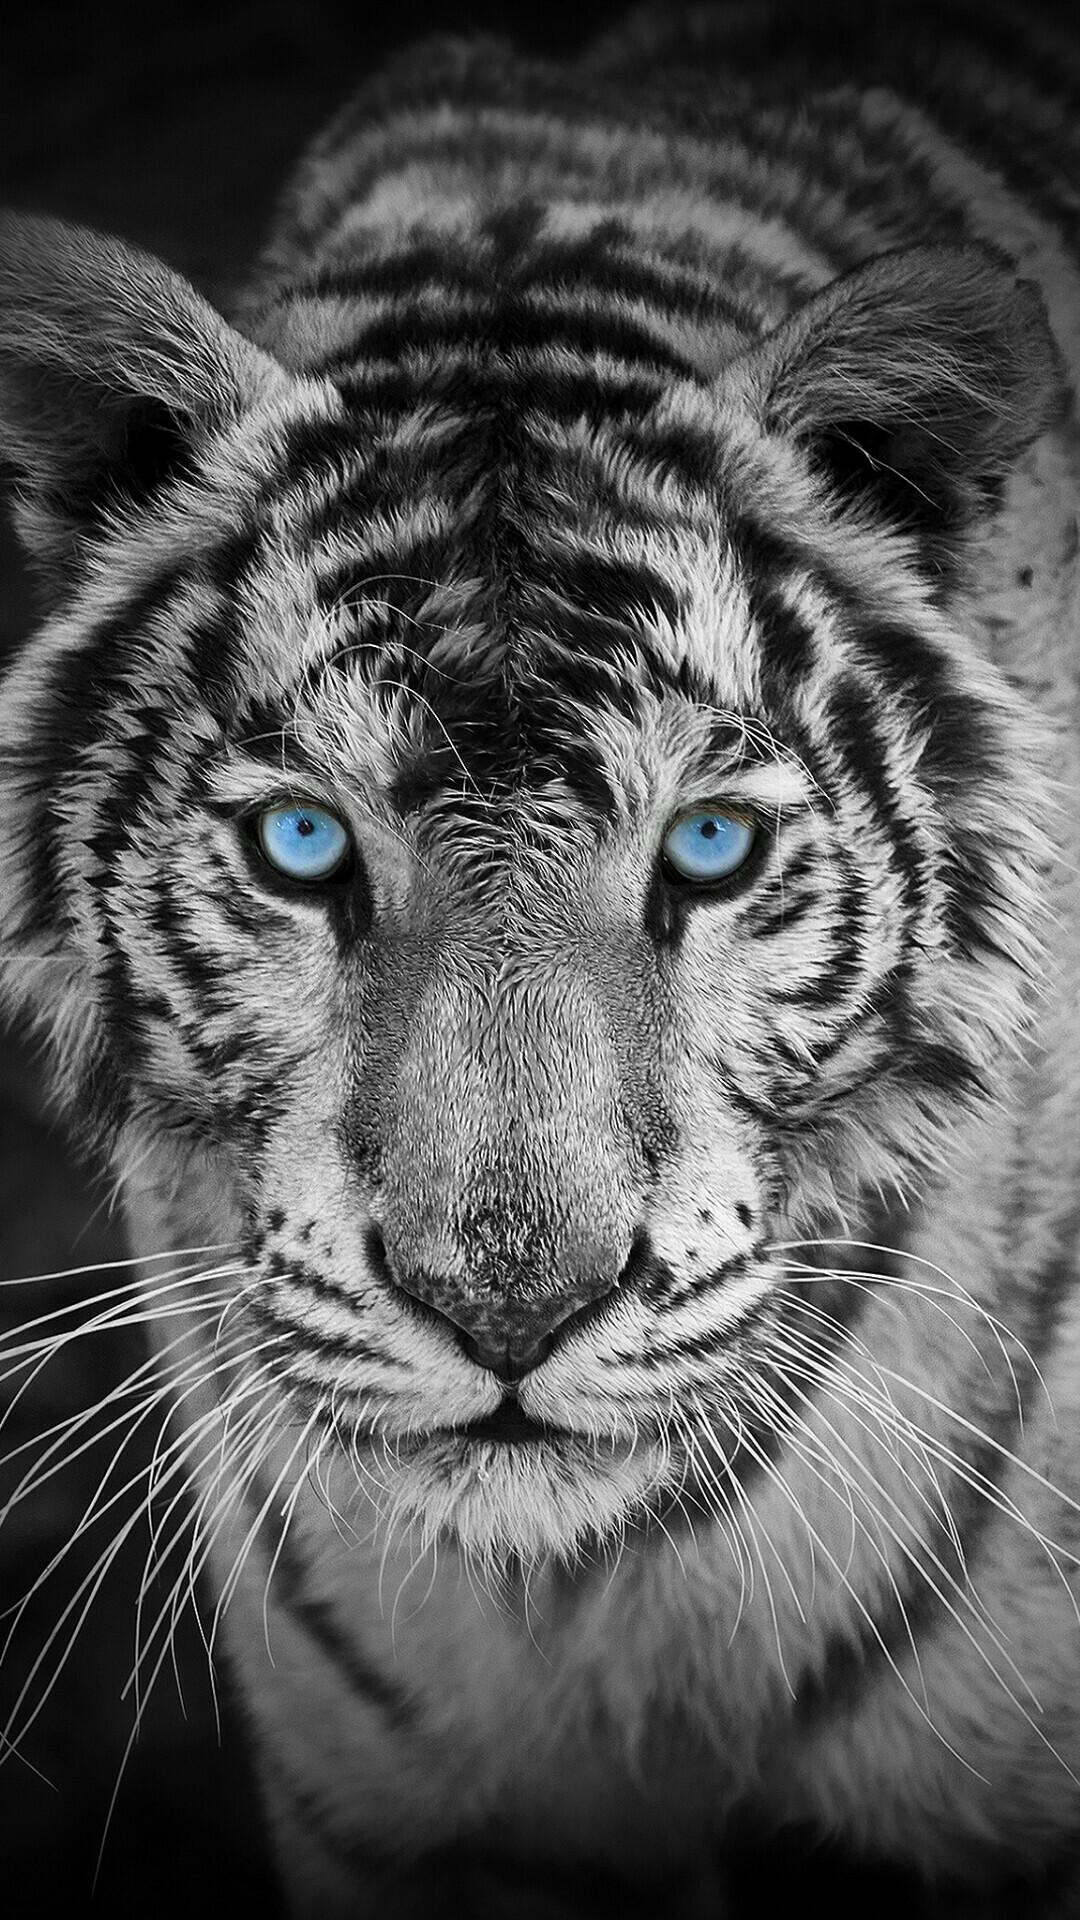 White Tiger Hd Wallpaper Wallpapertag